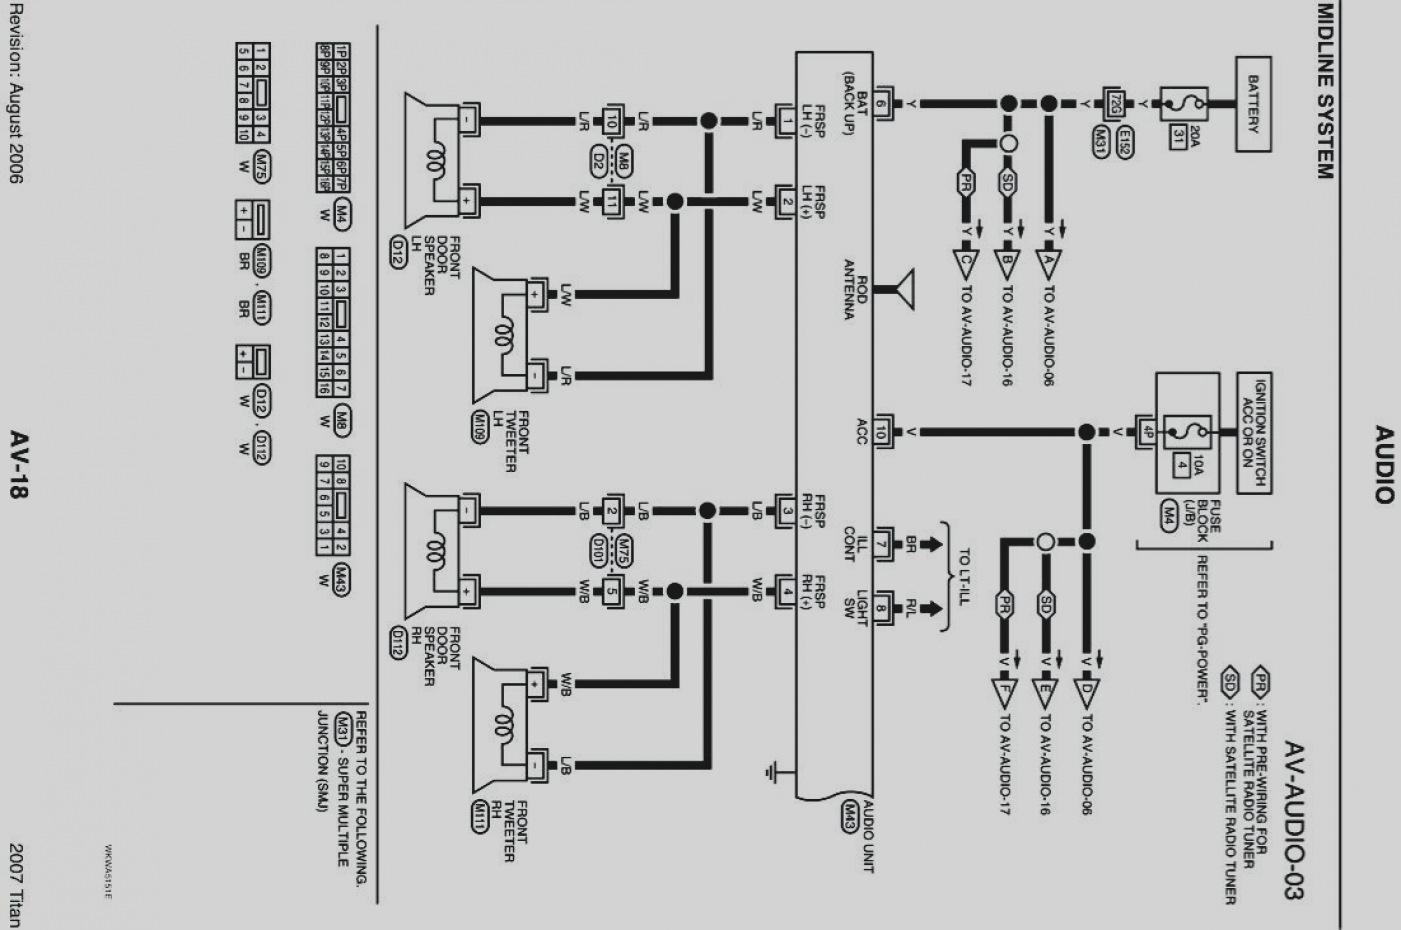 Rockford Fosgate Pbr300x2 Wiring Diagram